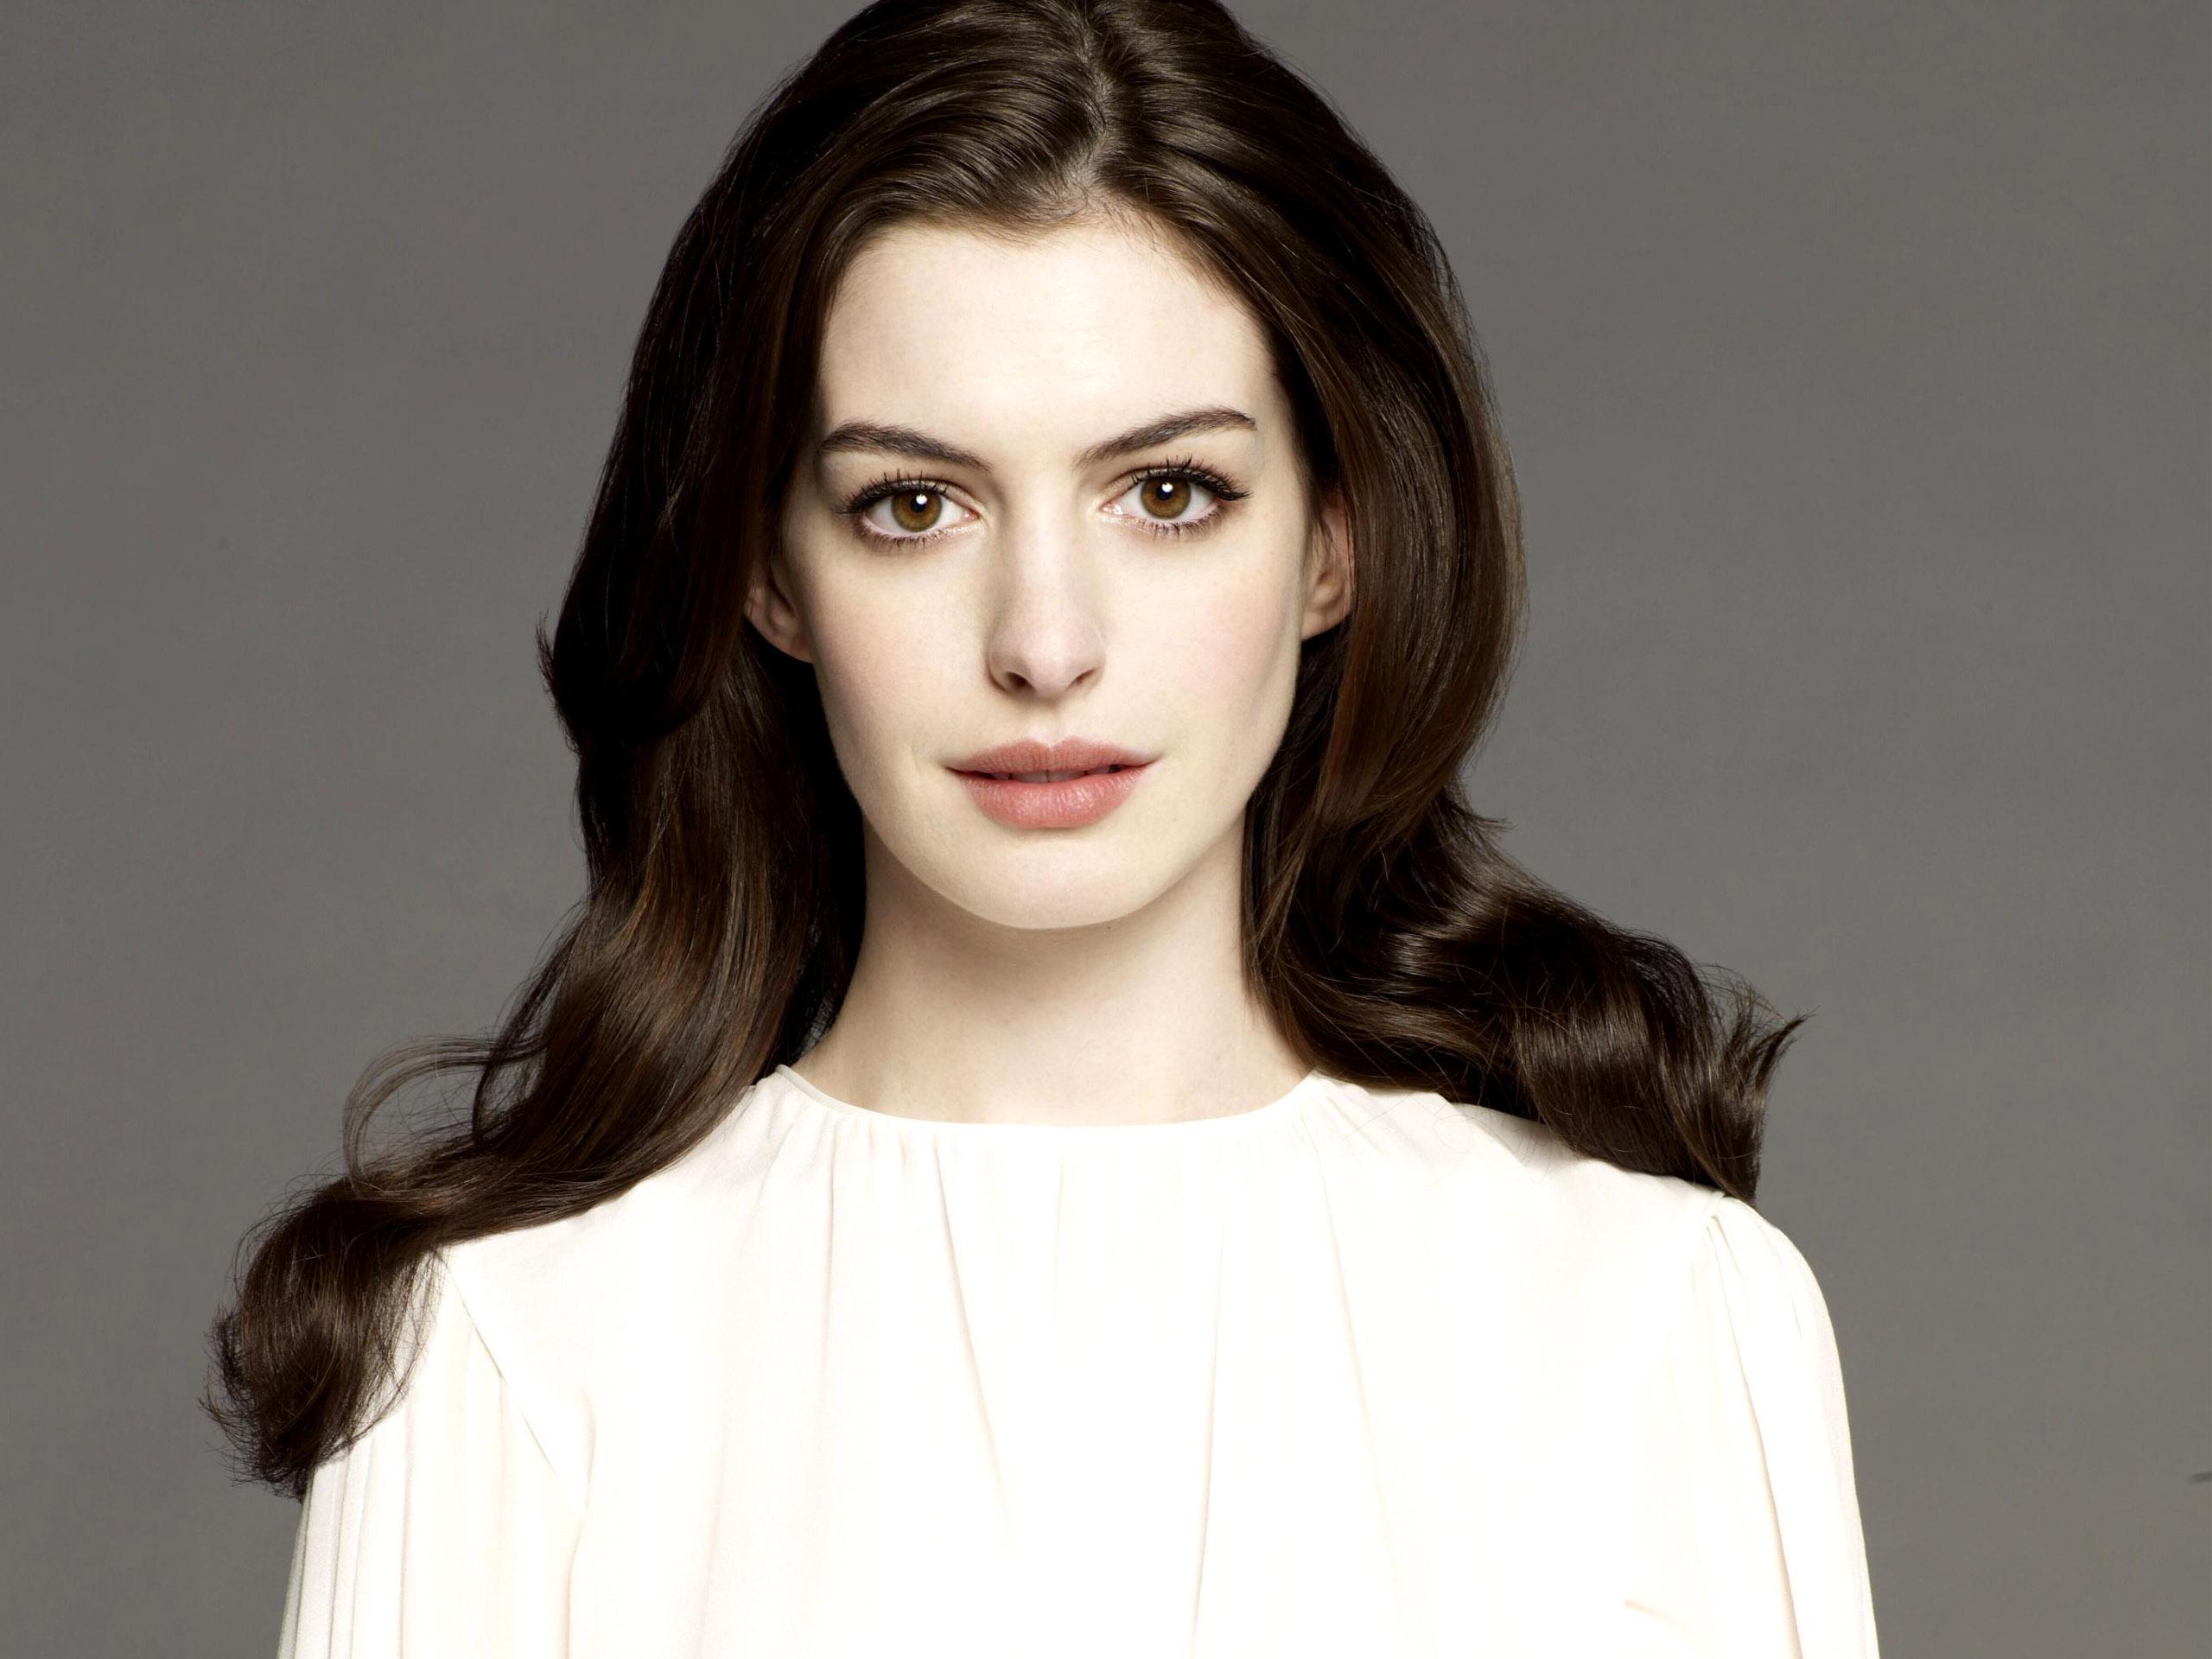 ان هتوی Anne Hathaway بهجای ایمی شومر Amy Schumer در فیلم «باربی» بازی خواهد کرد